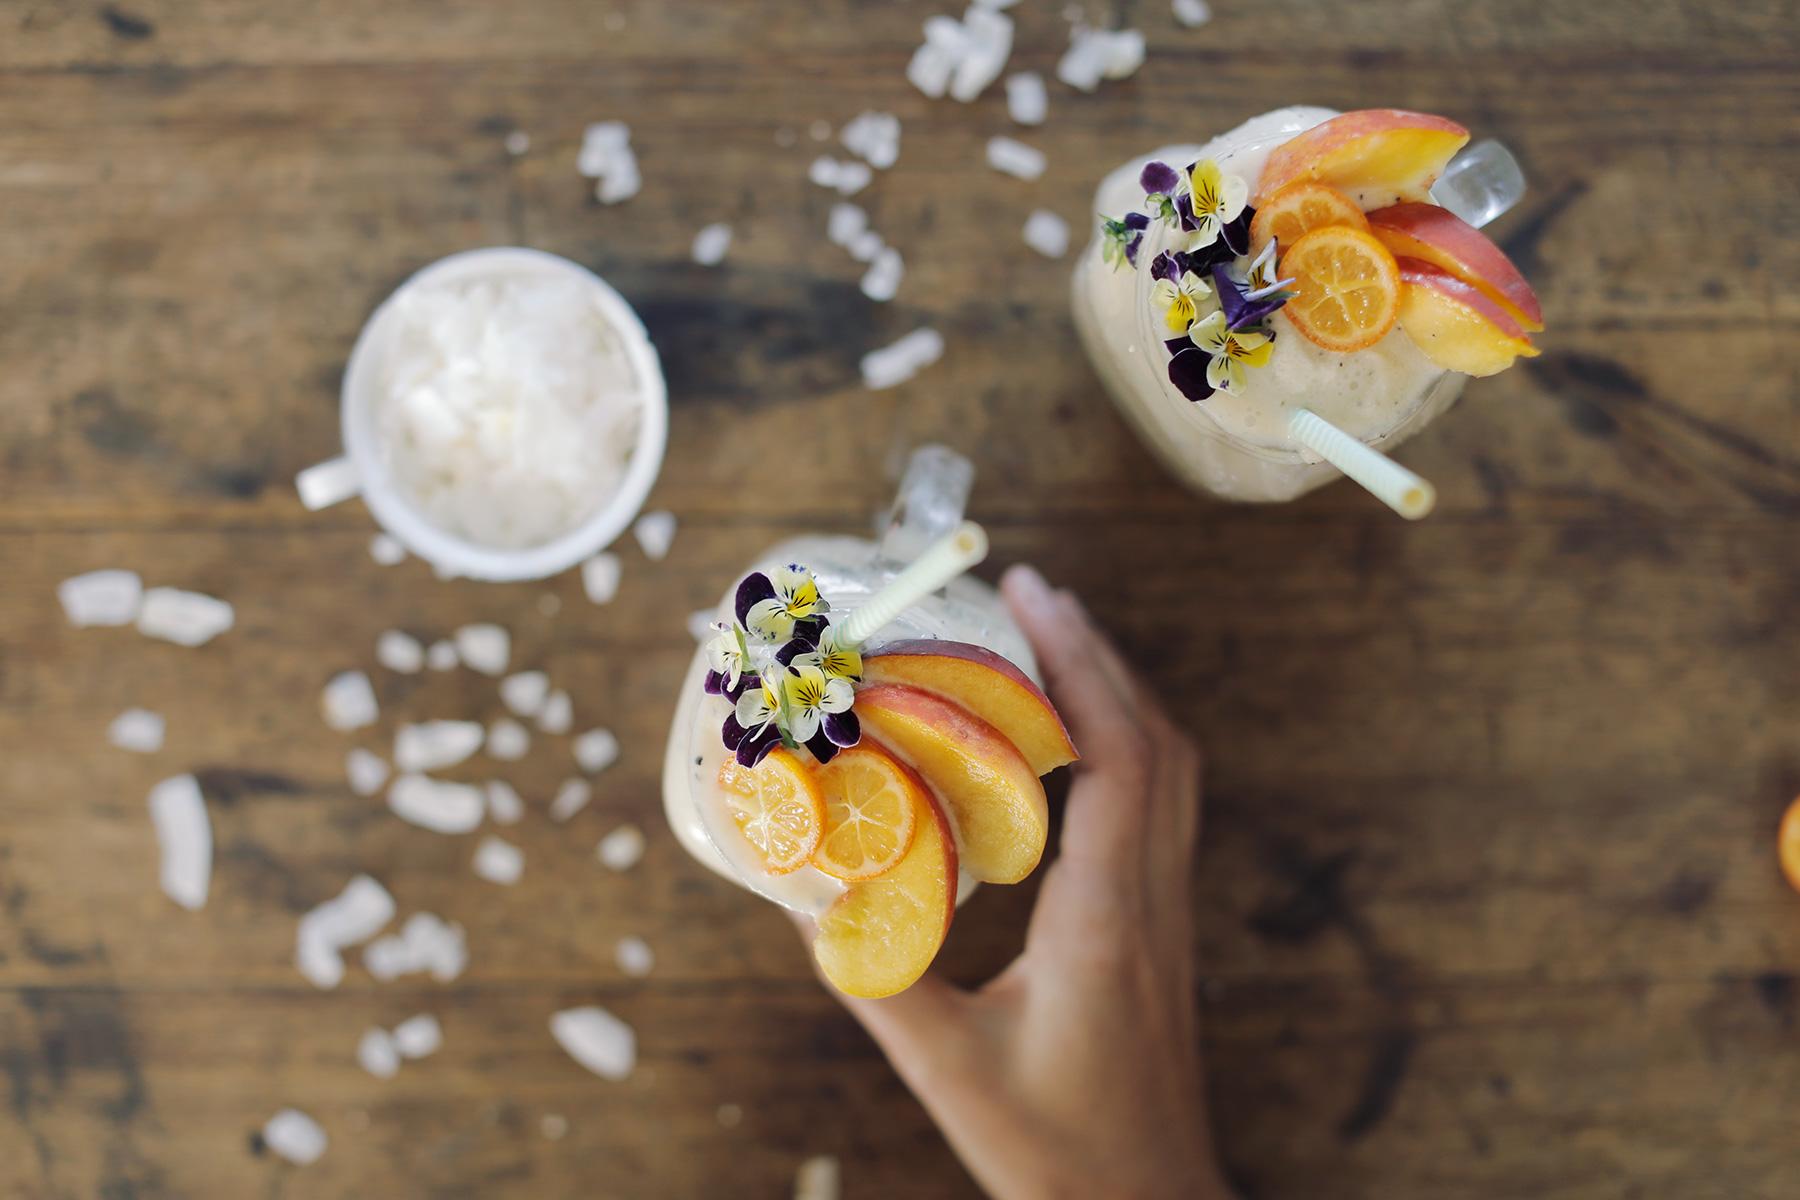 Coconut-Granadilla-and-Banana-smoothie-2